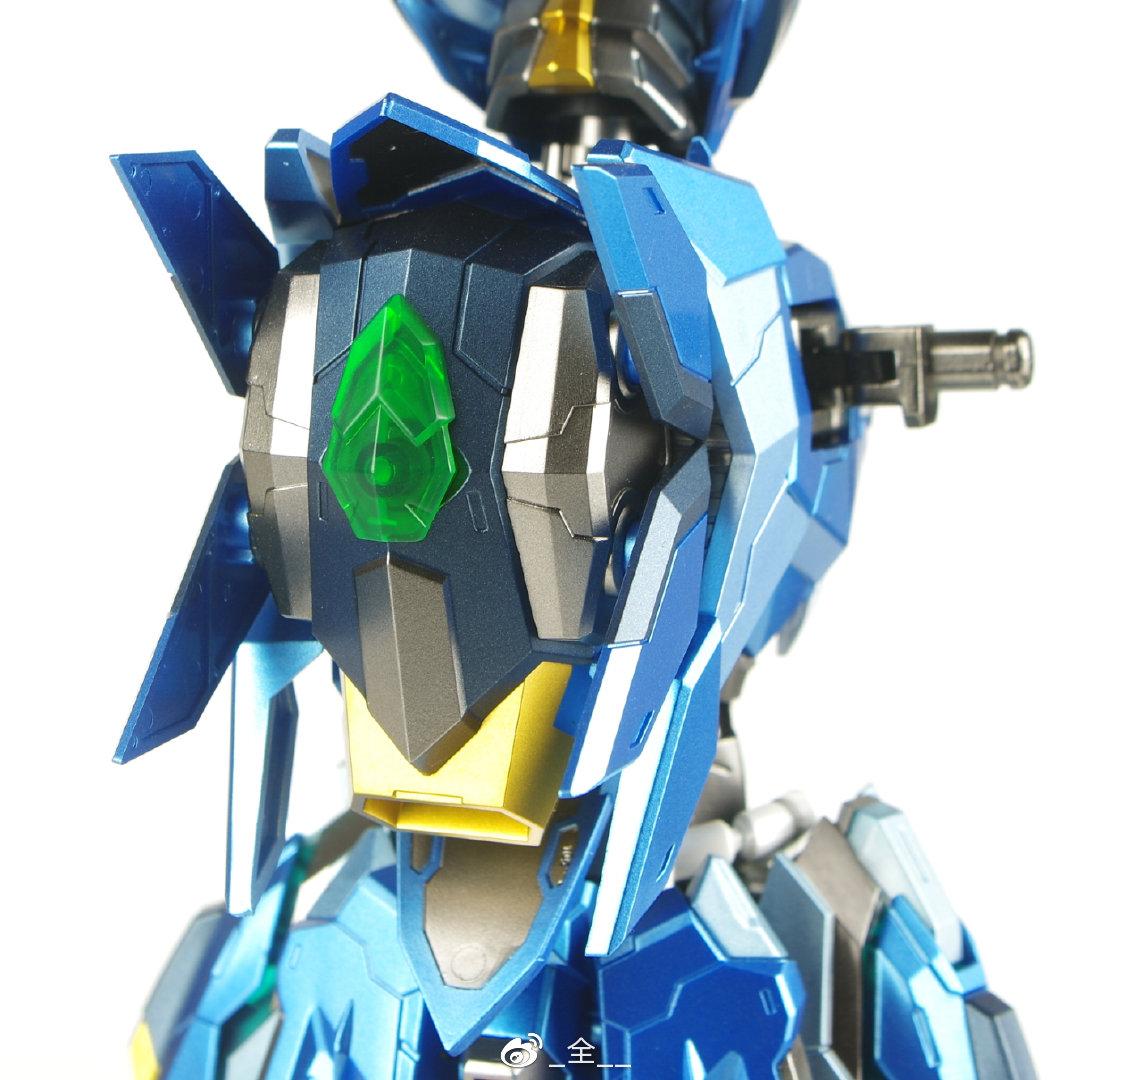 S470_MOTOR_NUCLEAR_MN_Q03_blue_gragon_ao_bing_di_hui_xing_han_long_zi_031.jpg